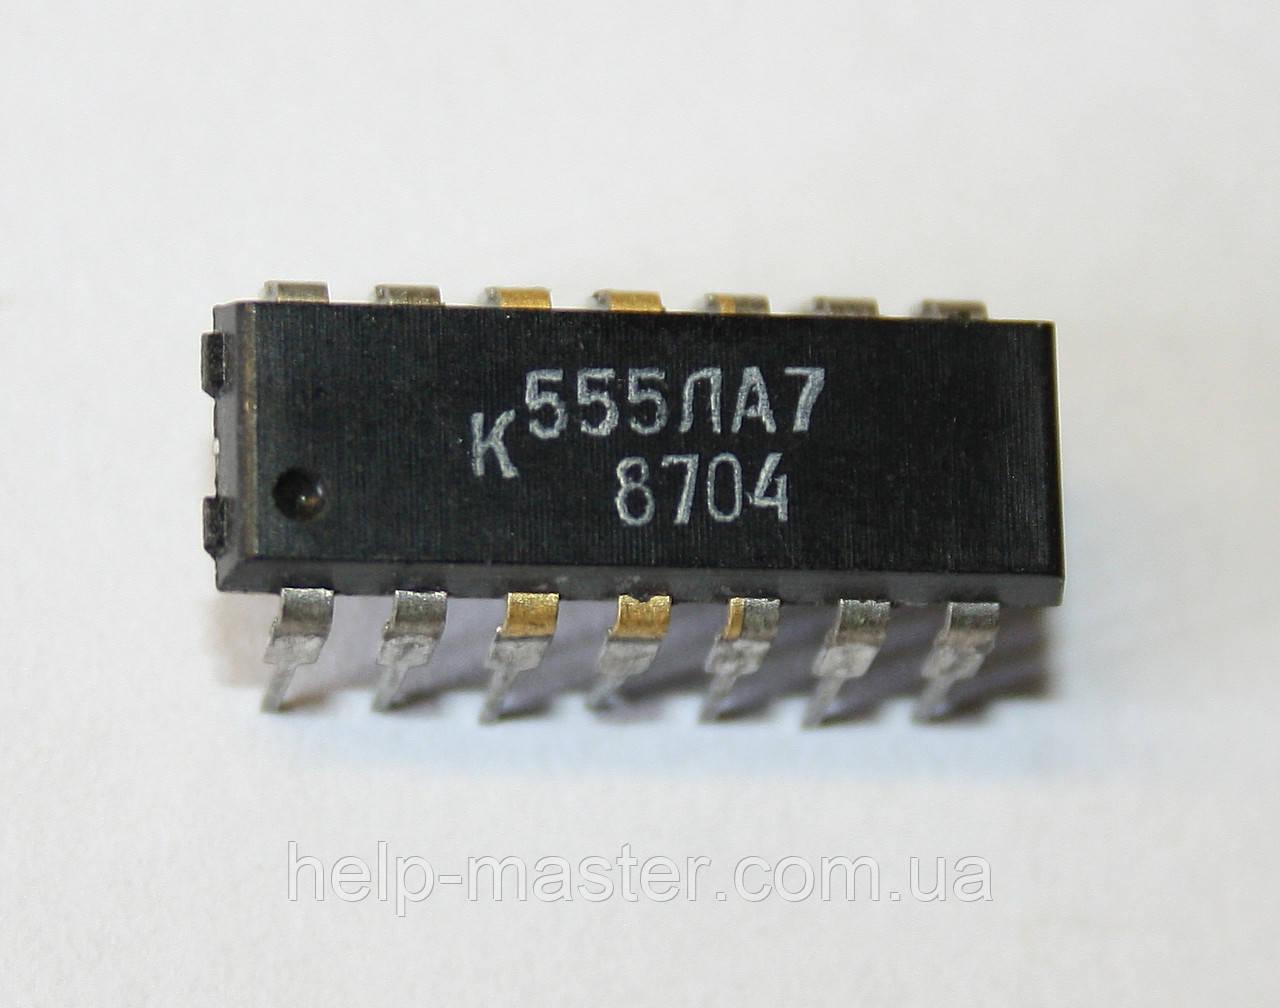 Мікросхема К555ЛА7 (DIP-14)